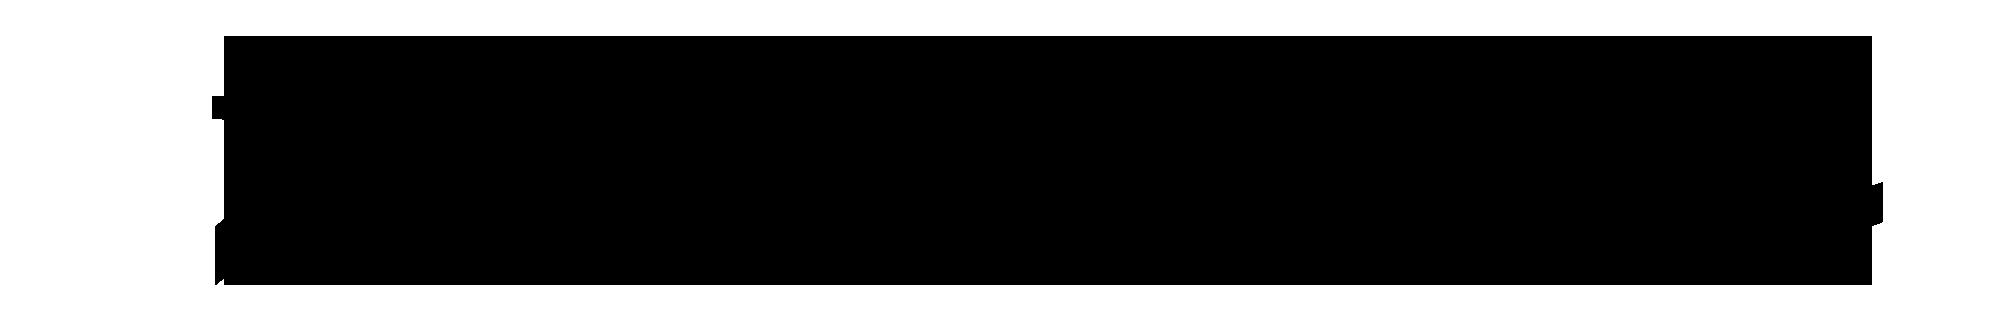 毒Studio banner